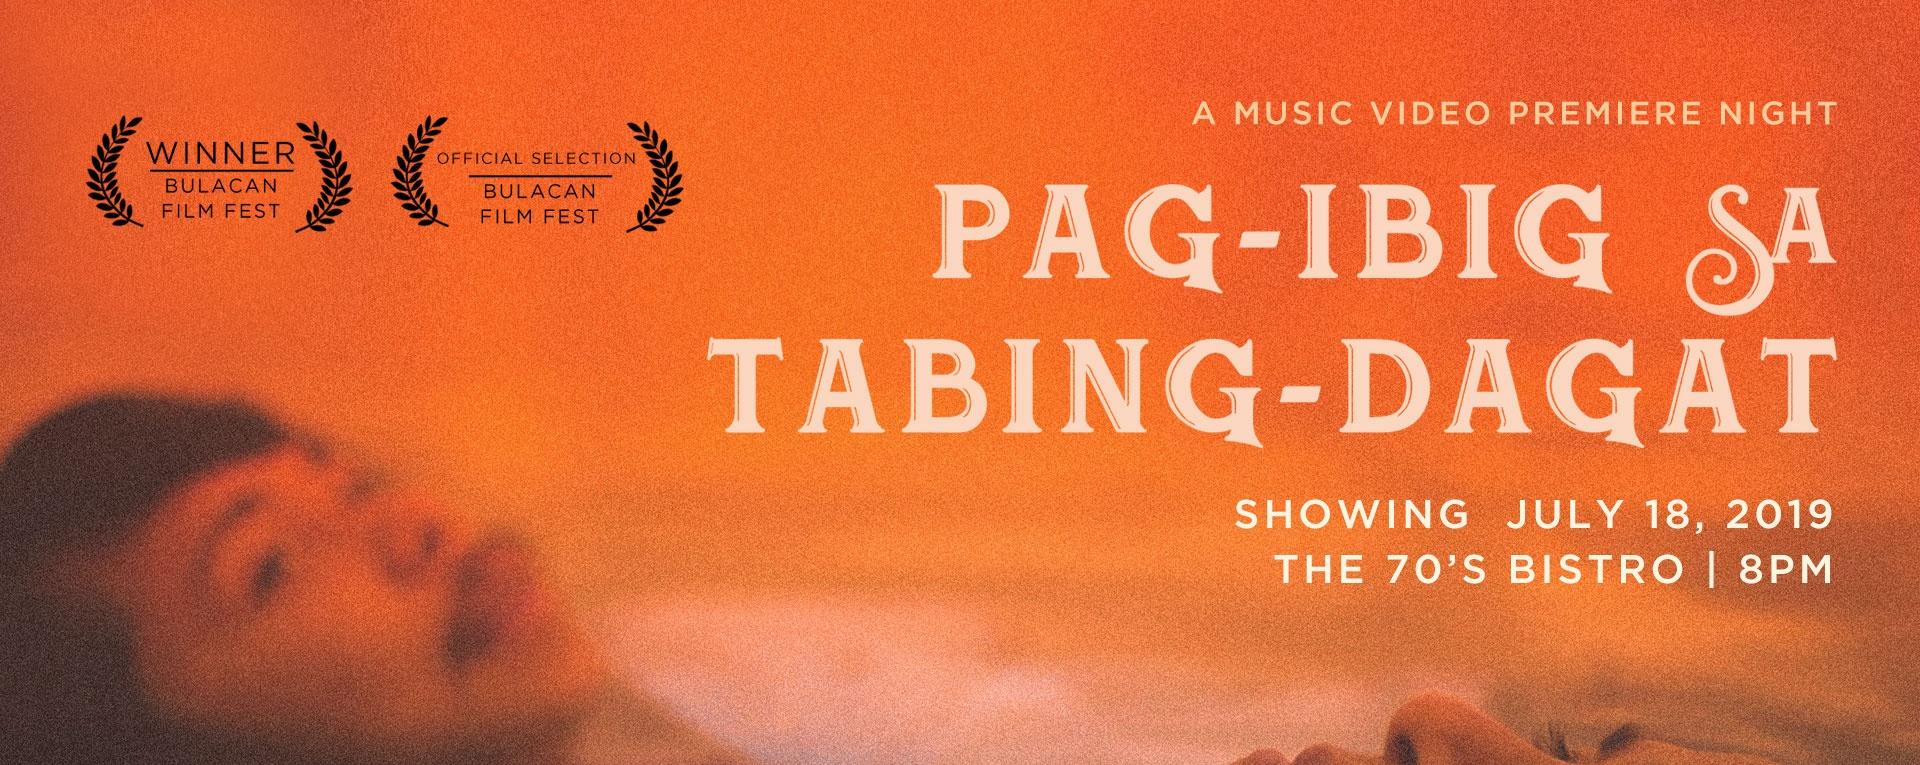 Pag-ibig Sa Tabing-Dagat Music Video Premiere Night | Gig